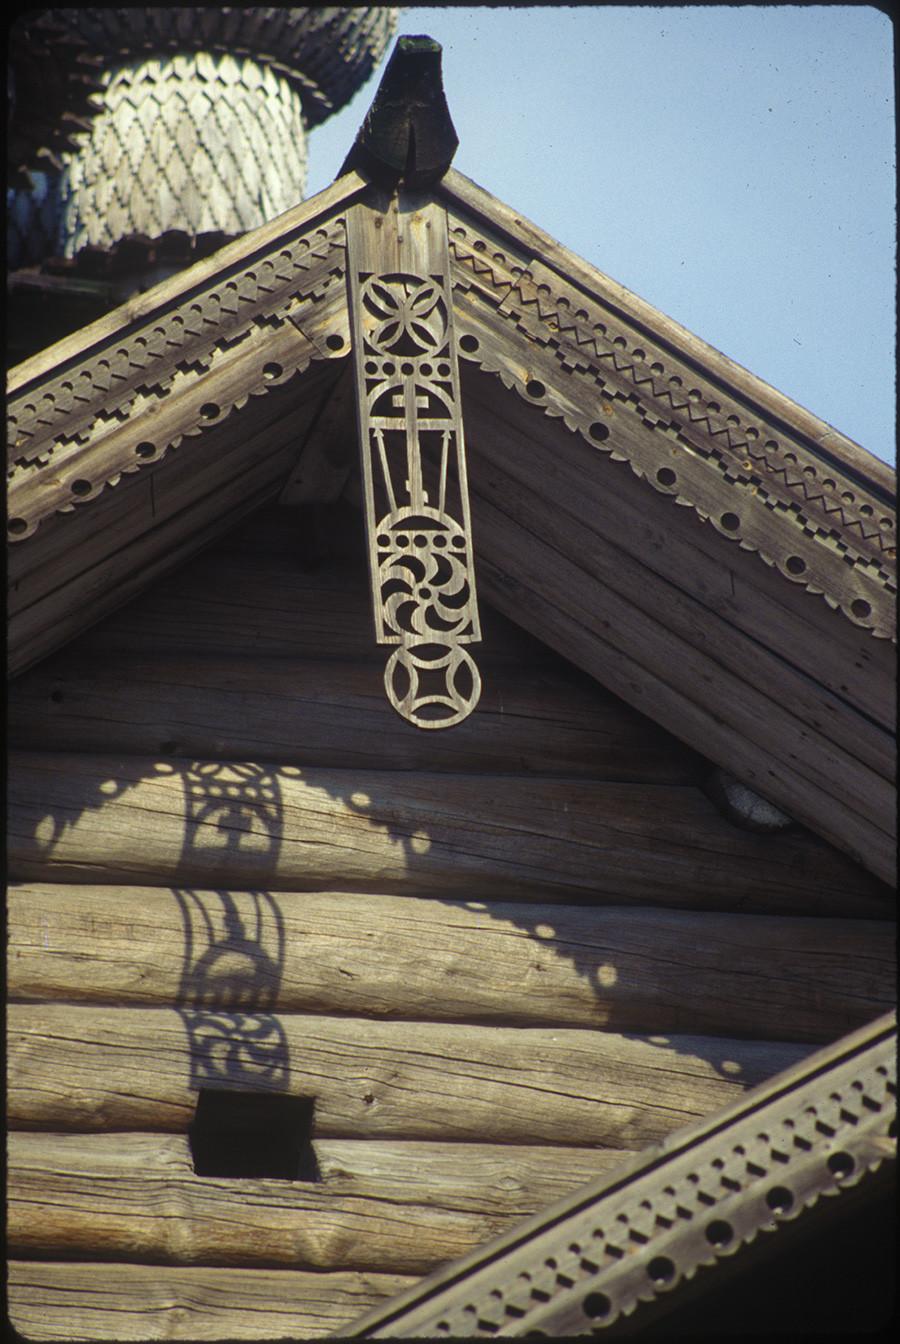 Chiesa dell'Intercessione. Facciata occidentale con intaglio decorativo. 6 agosto 1991